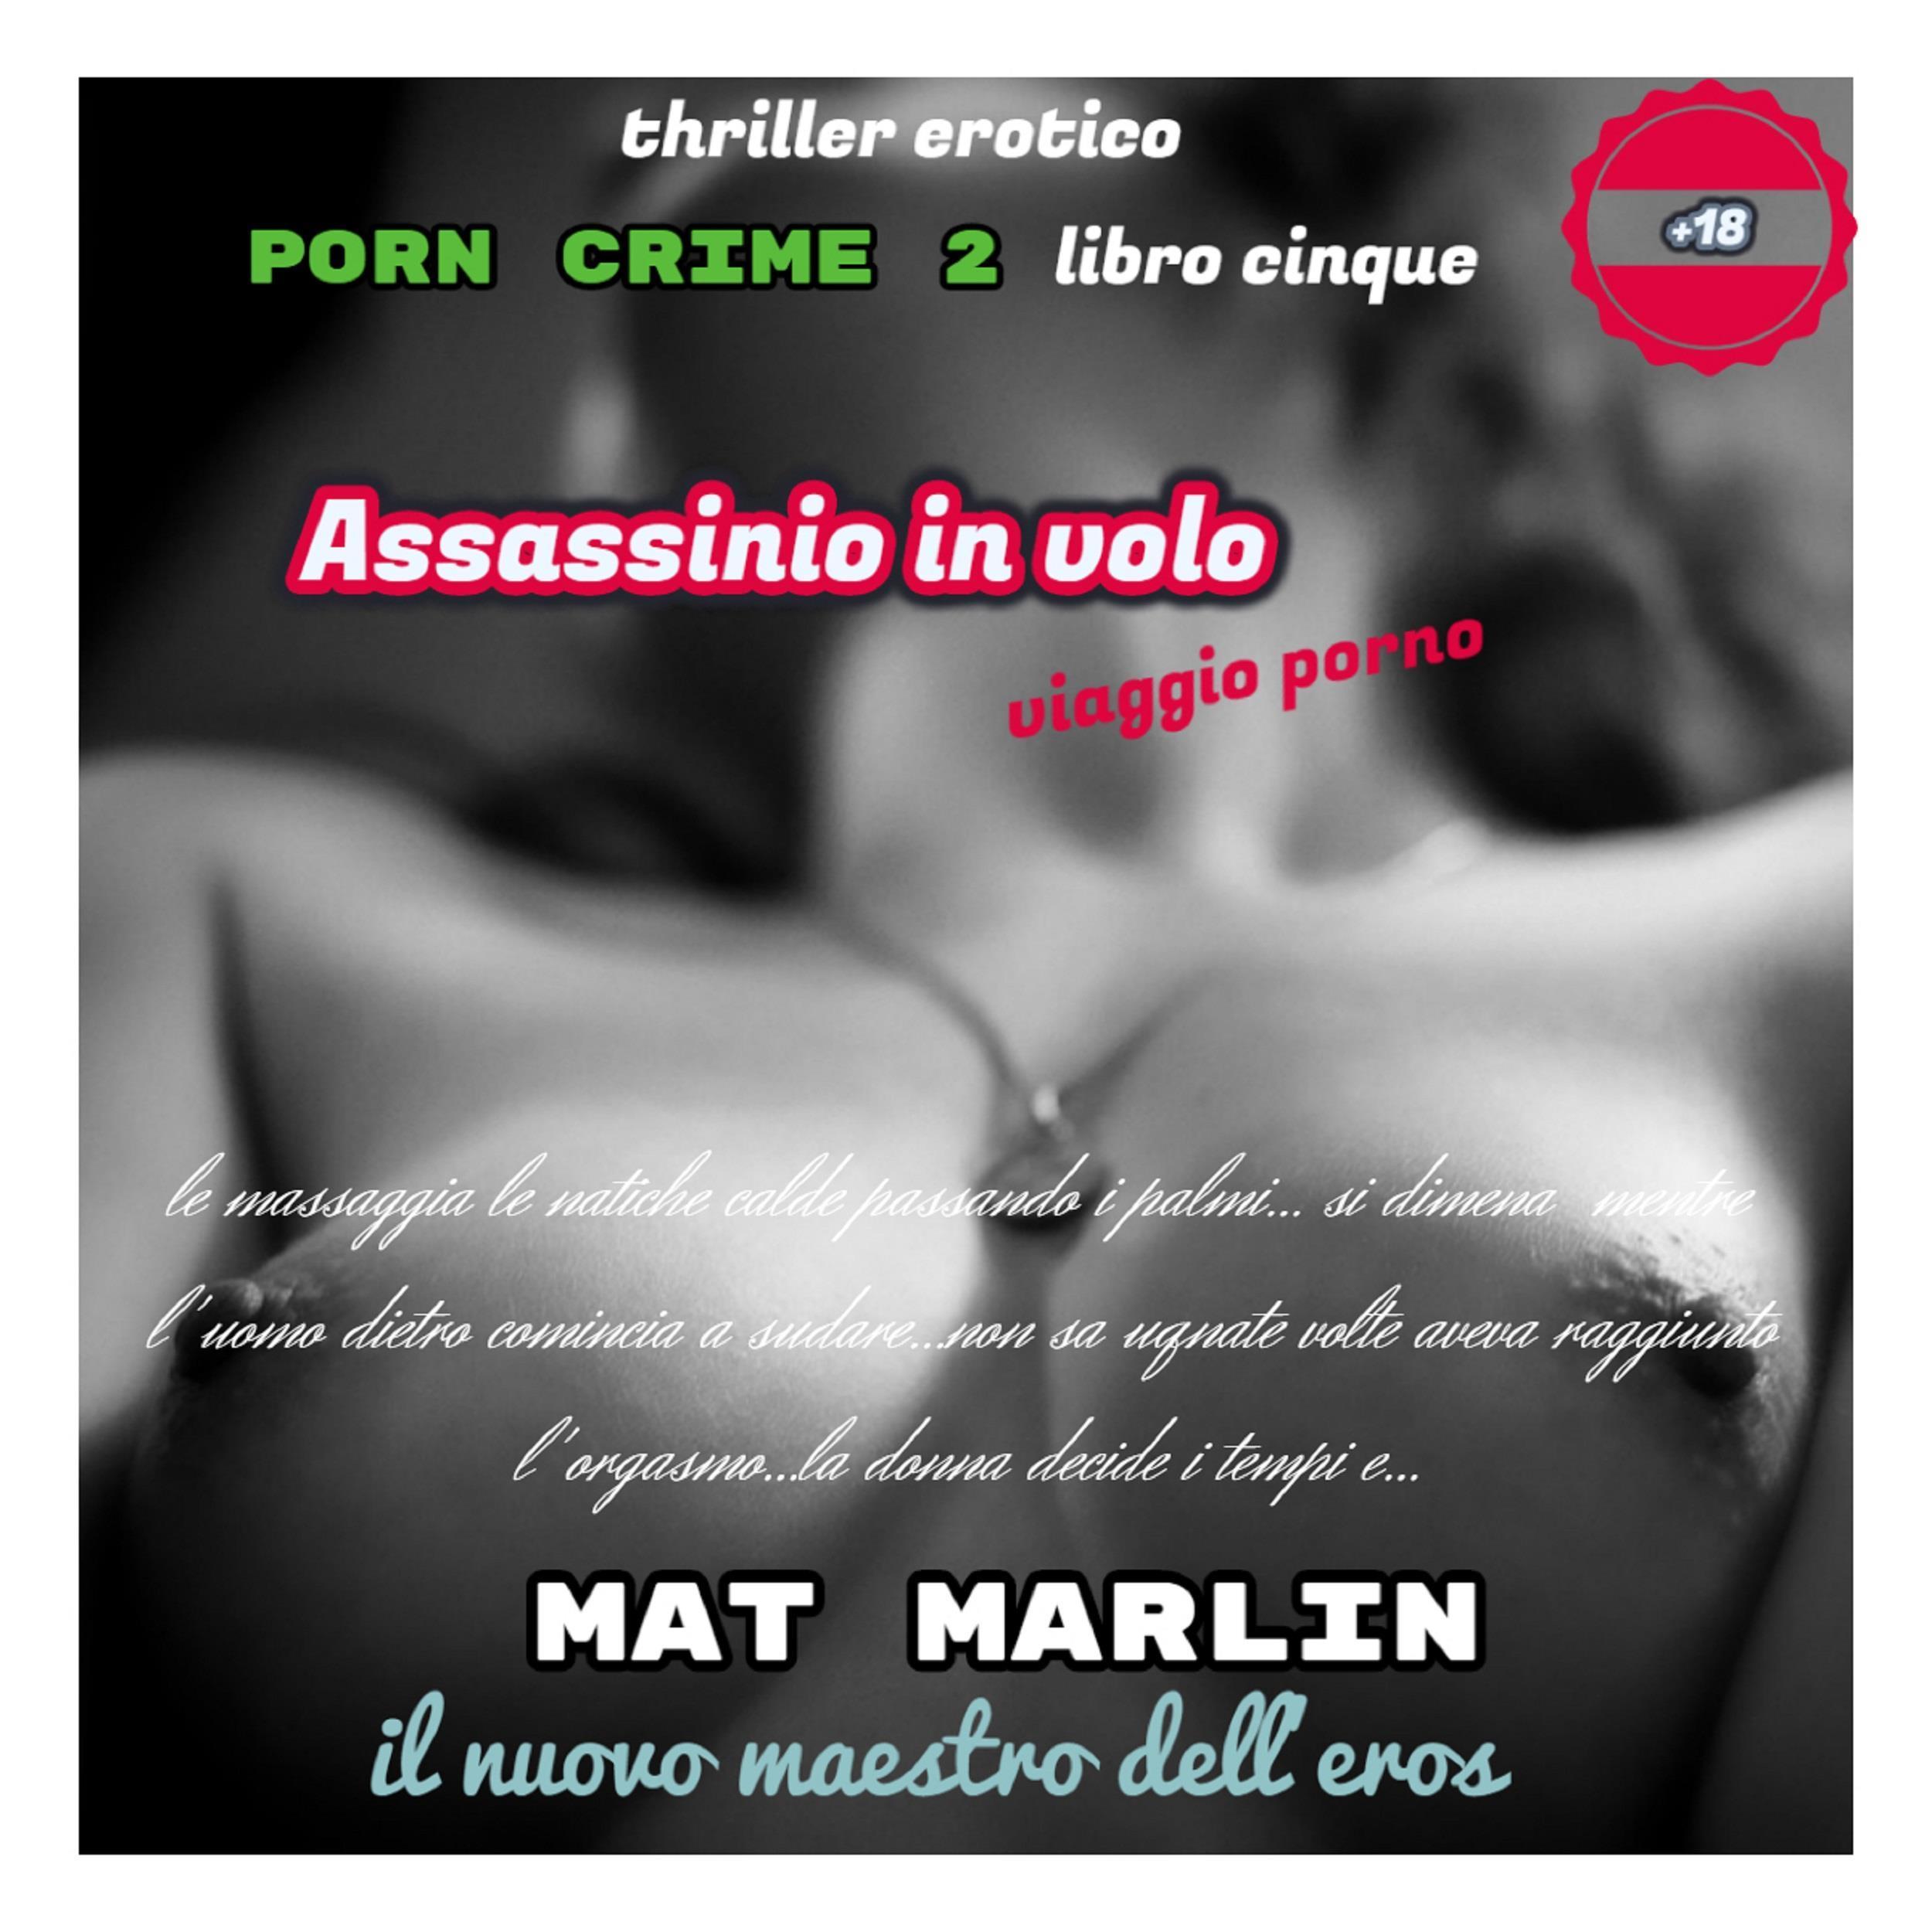 Assassinio in volo,viaggio (porno) [Mat Marlin]